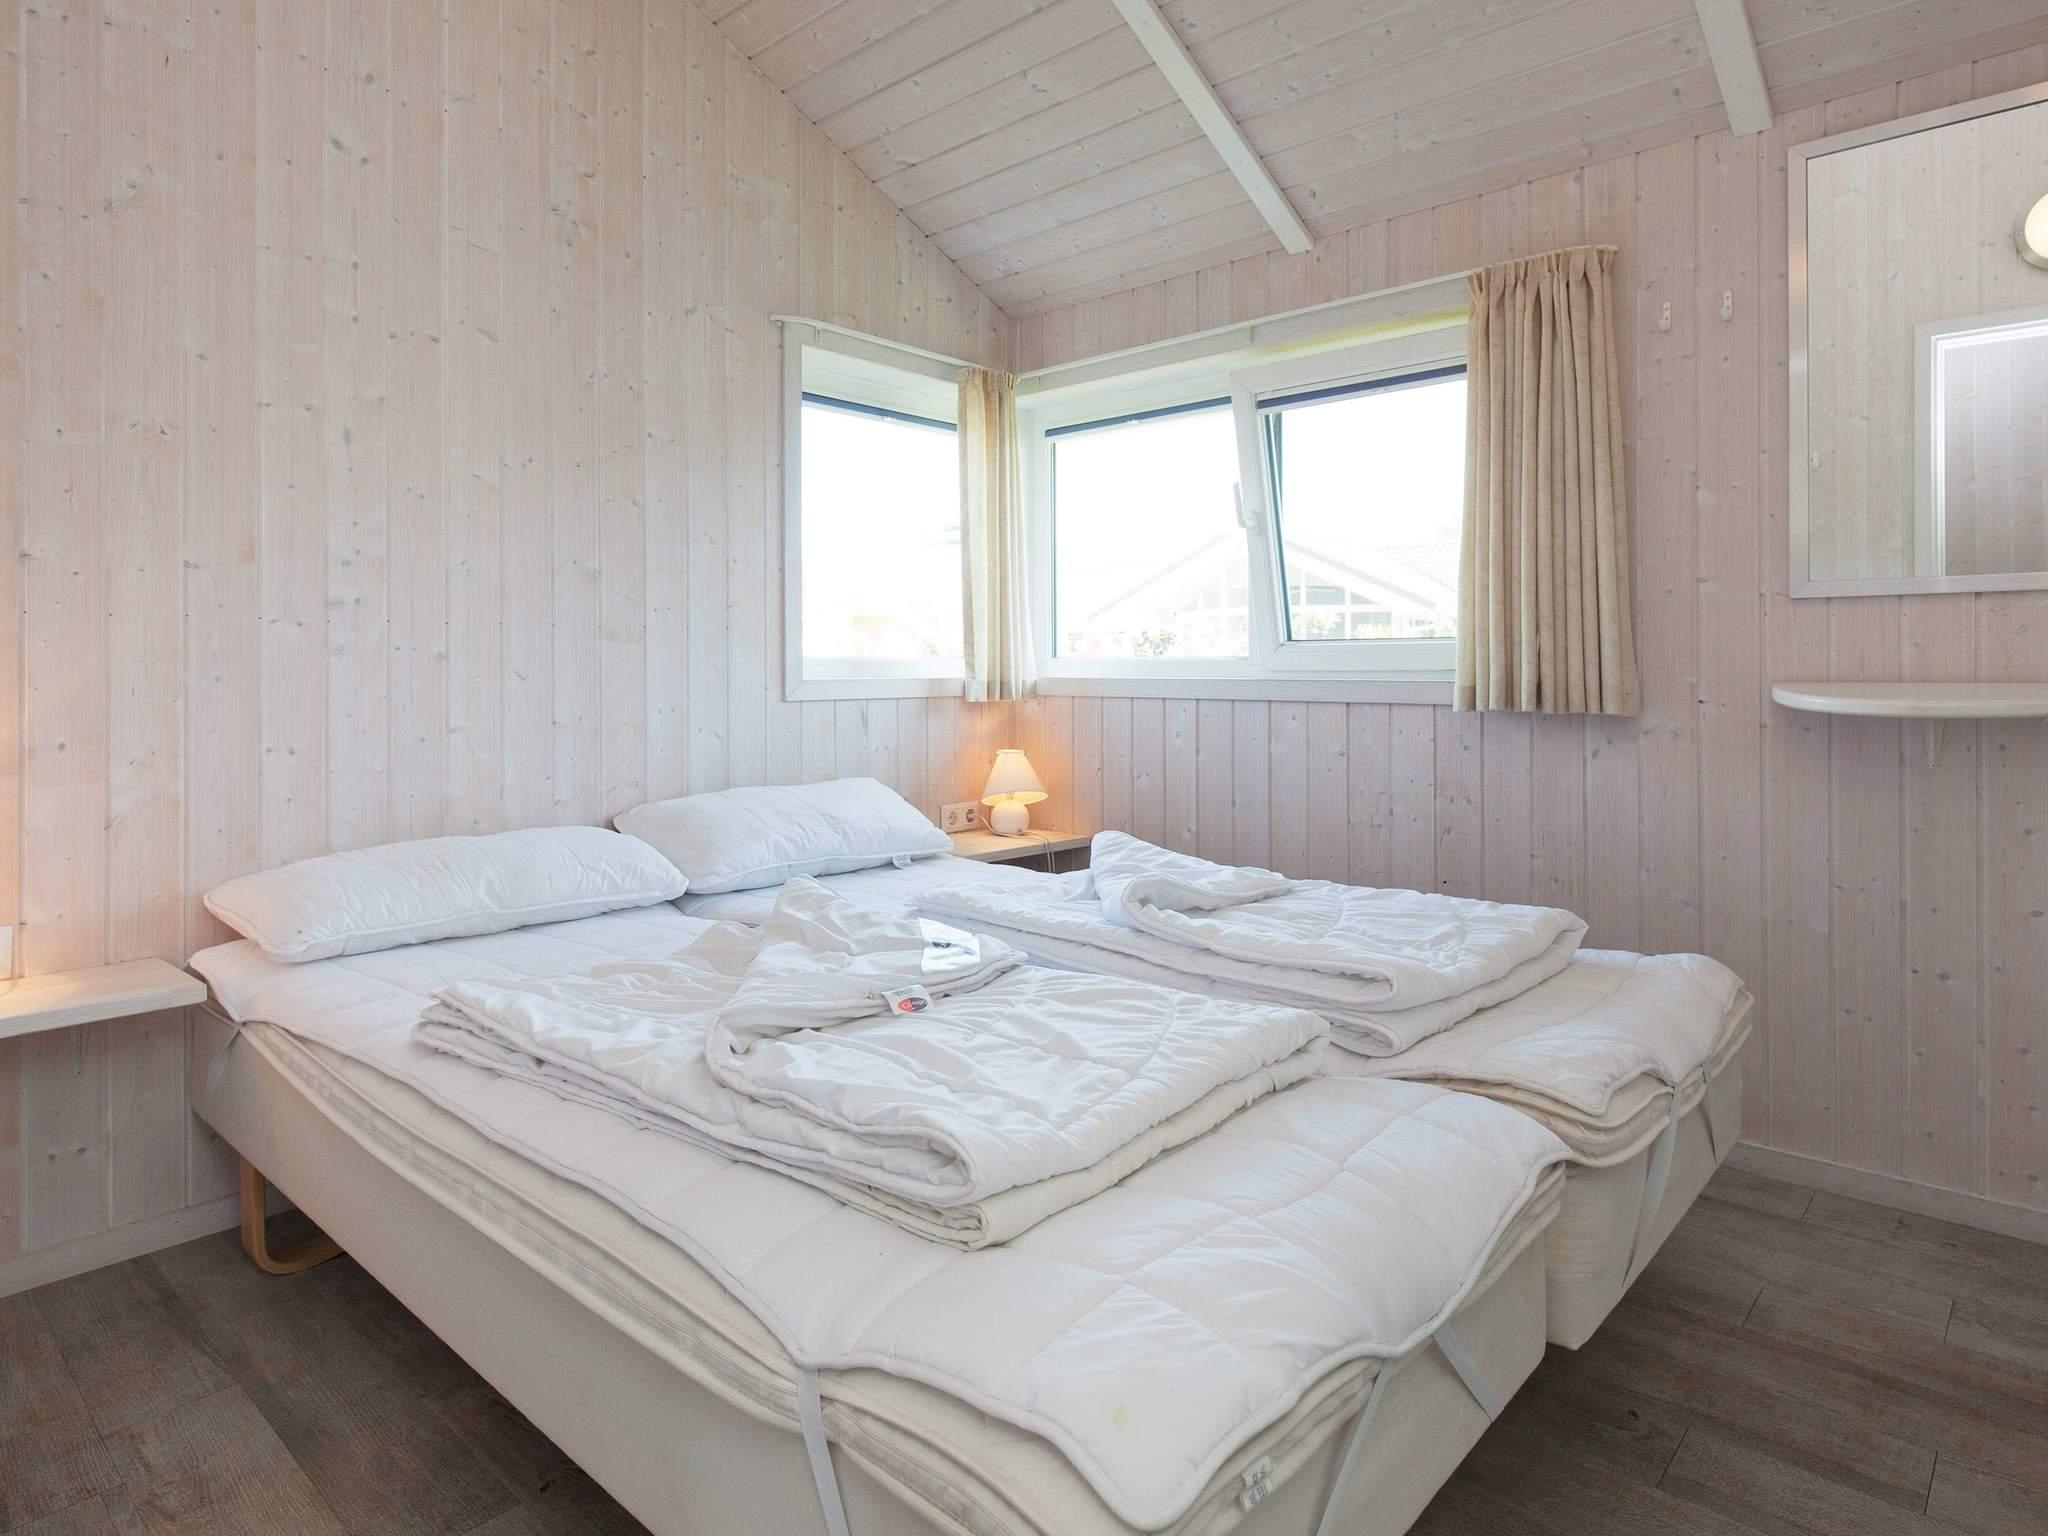 Maison de vacances Grömitz (316467), Grömitz, Baie de Lübeck, Schleswig-Holstein, Allemagne, image 9